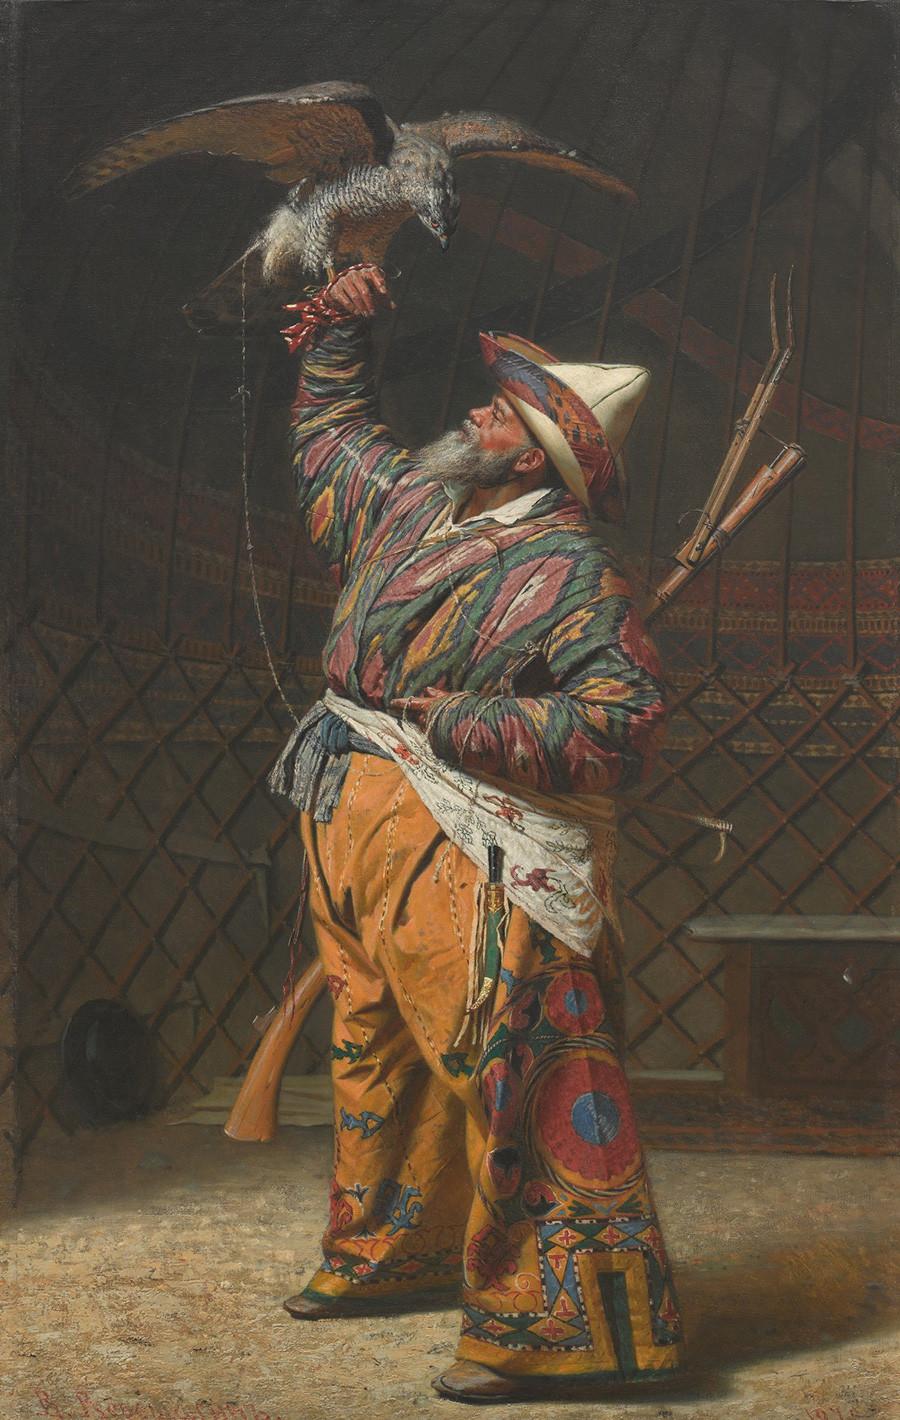 Riche chasseur kirghize avec un faucon, 1871